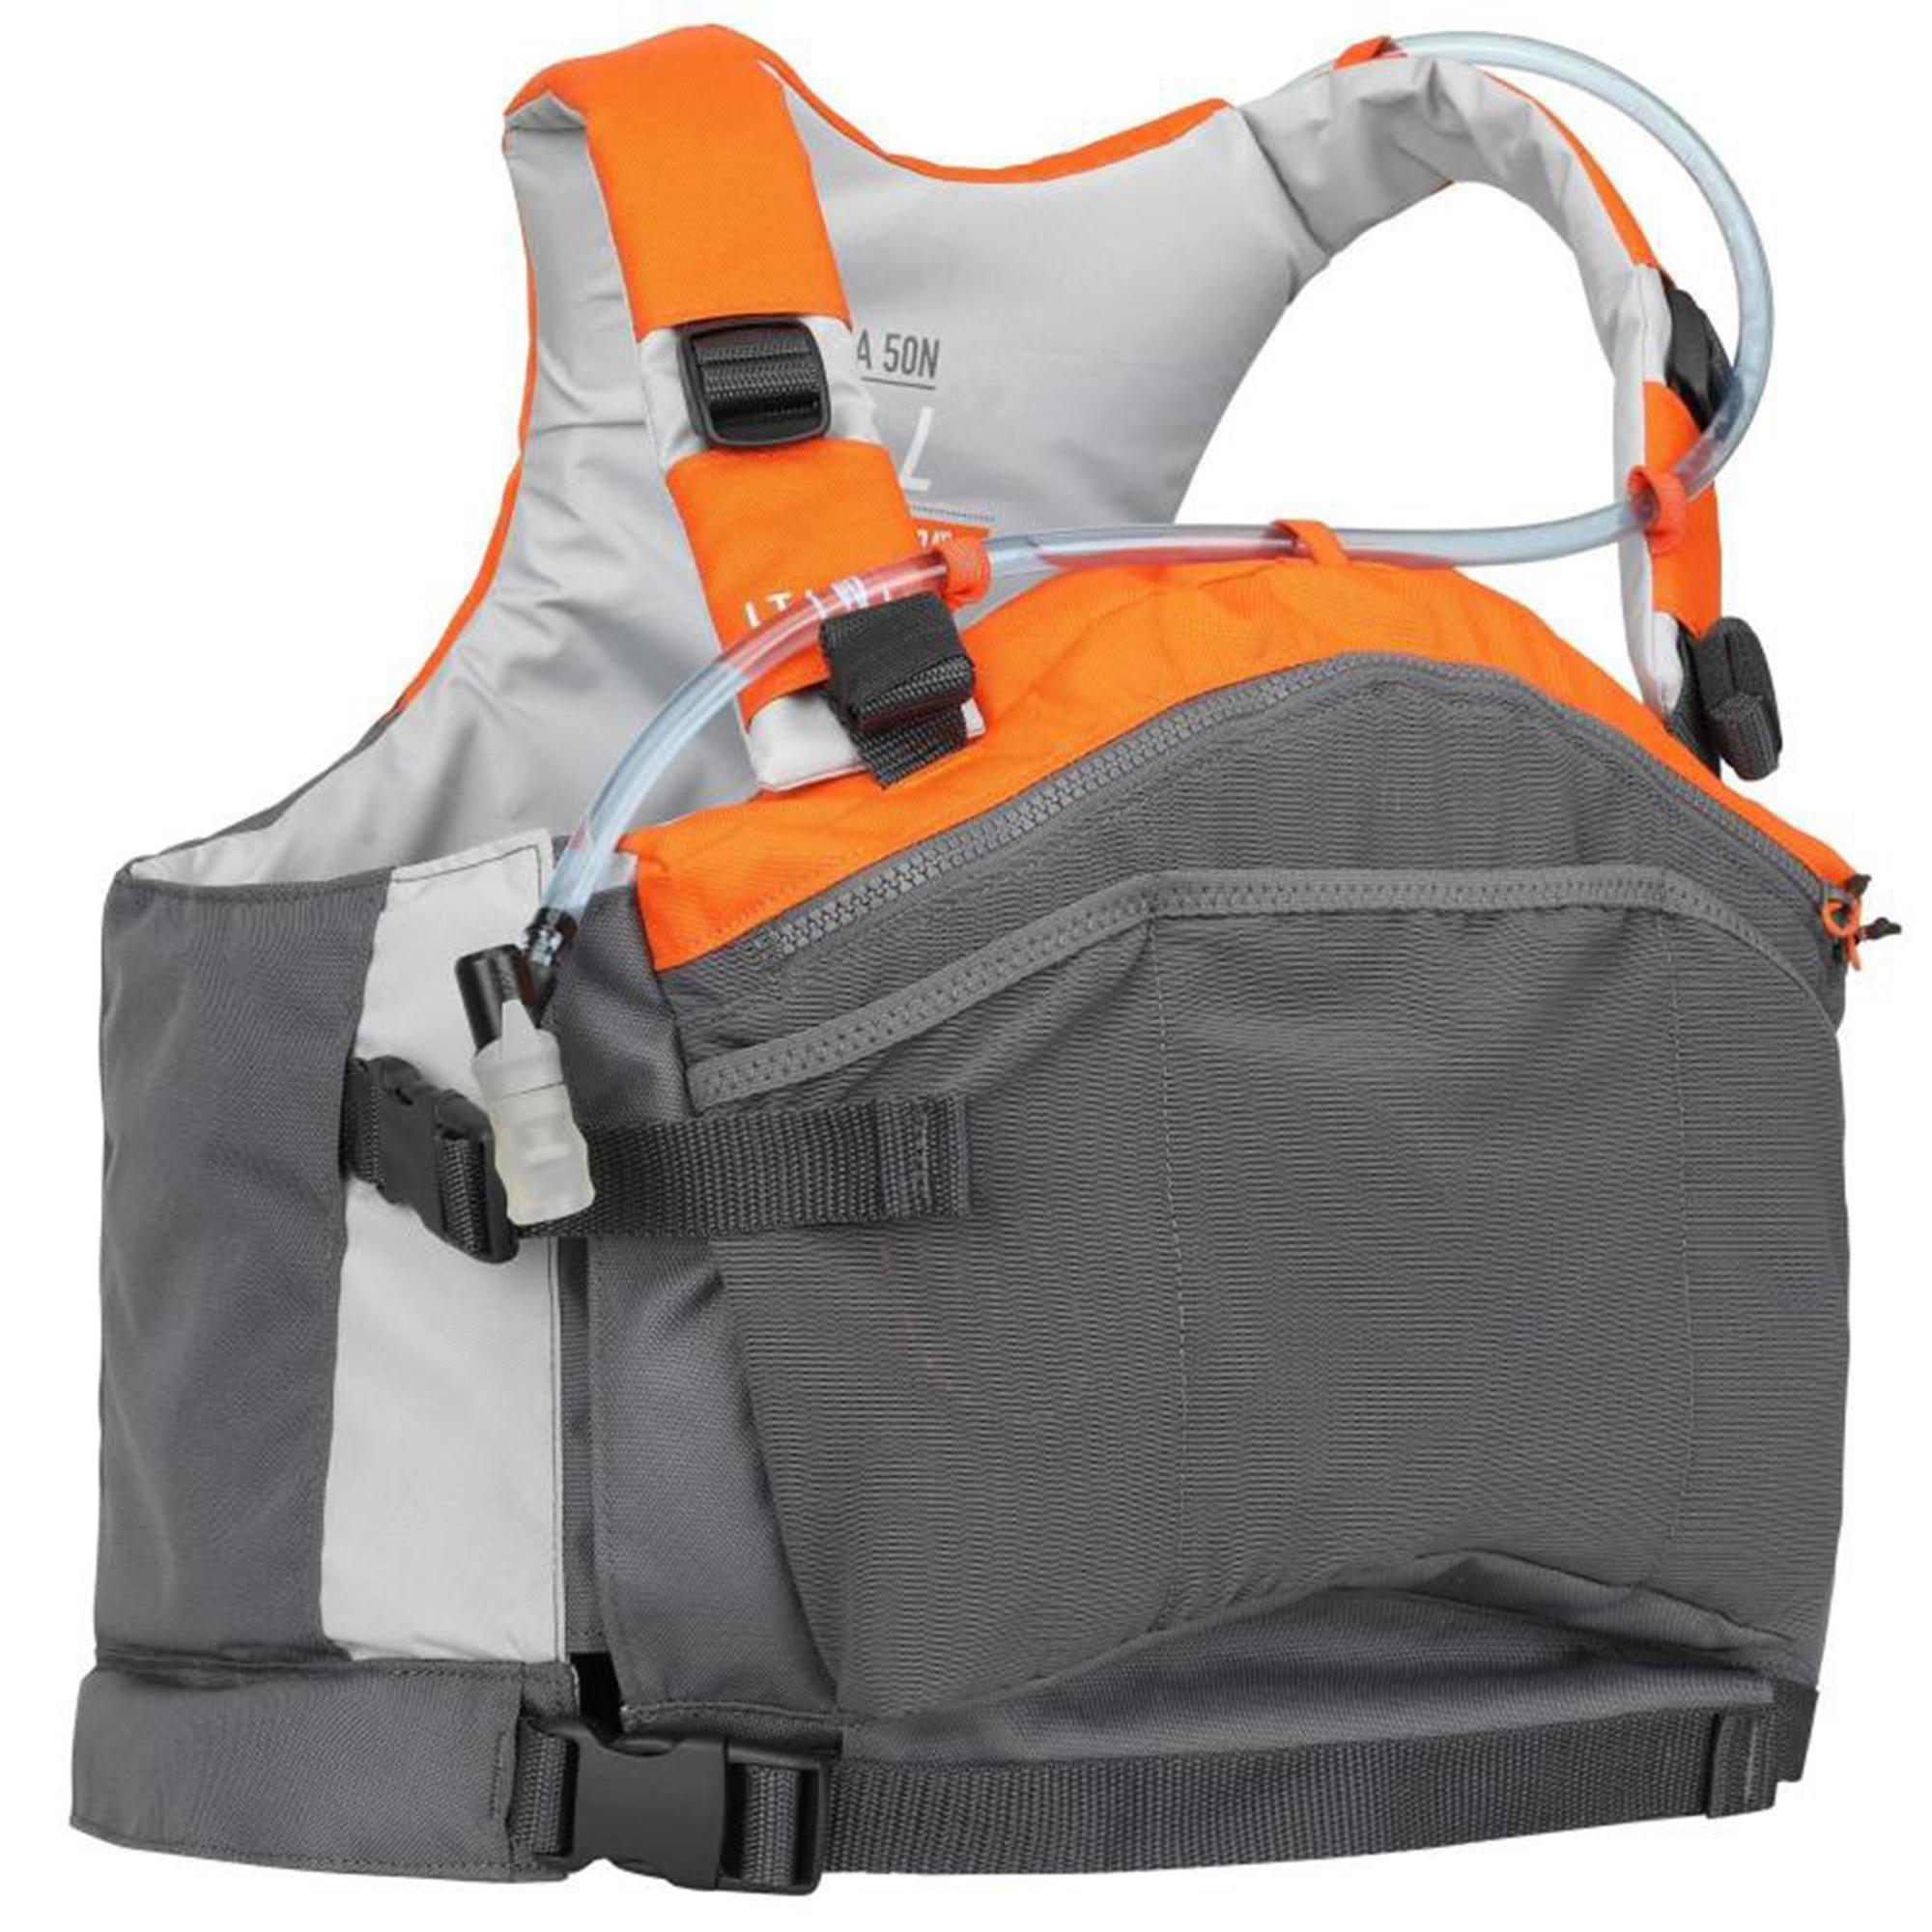 Gilet D Aide A La Flottabilite 50n Pockets Pour La Pratique Du Canoe Kayak En 2020 Kayak Flottabilite Canoe